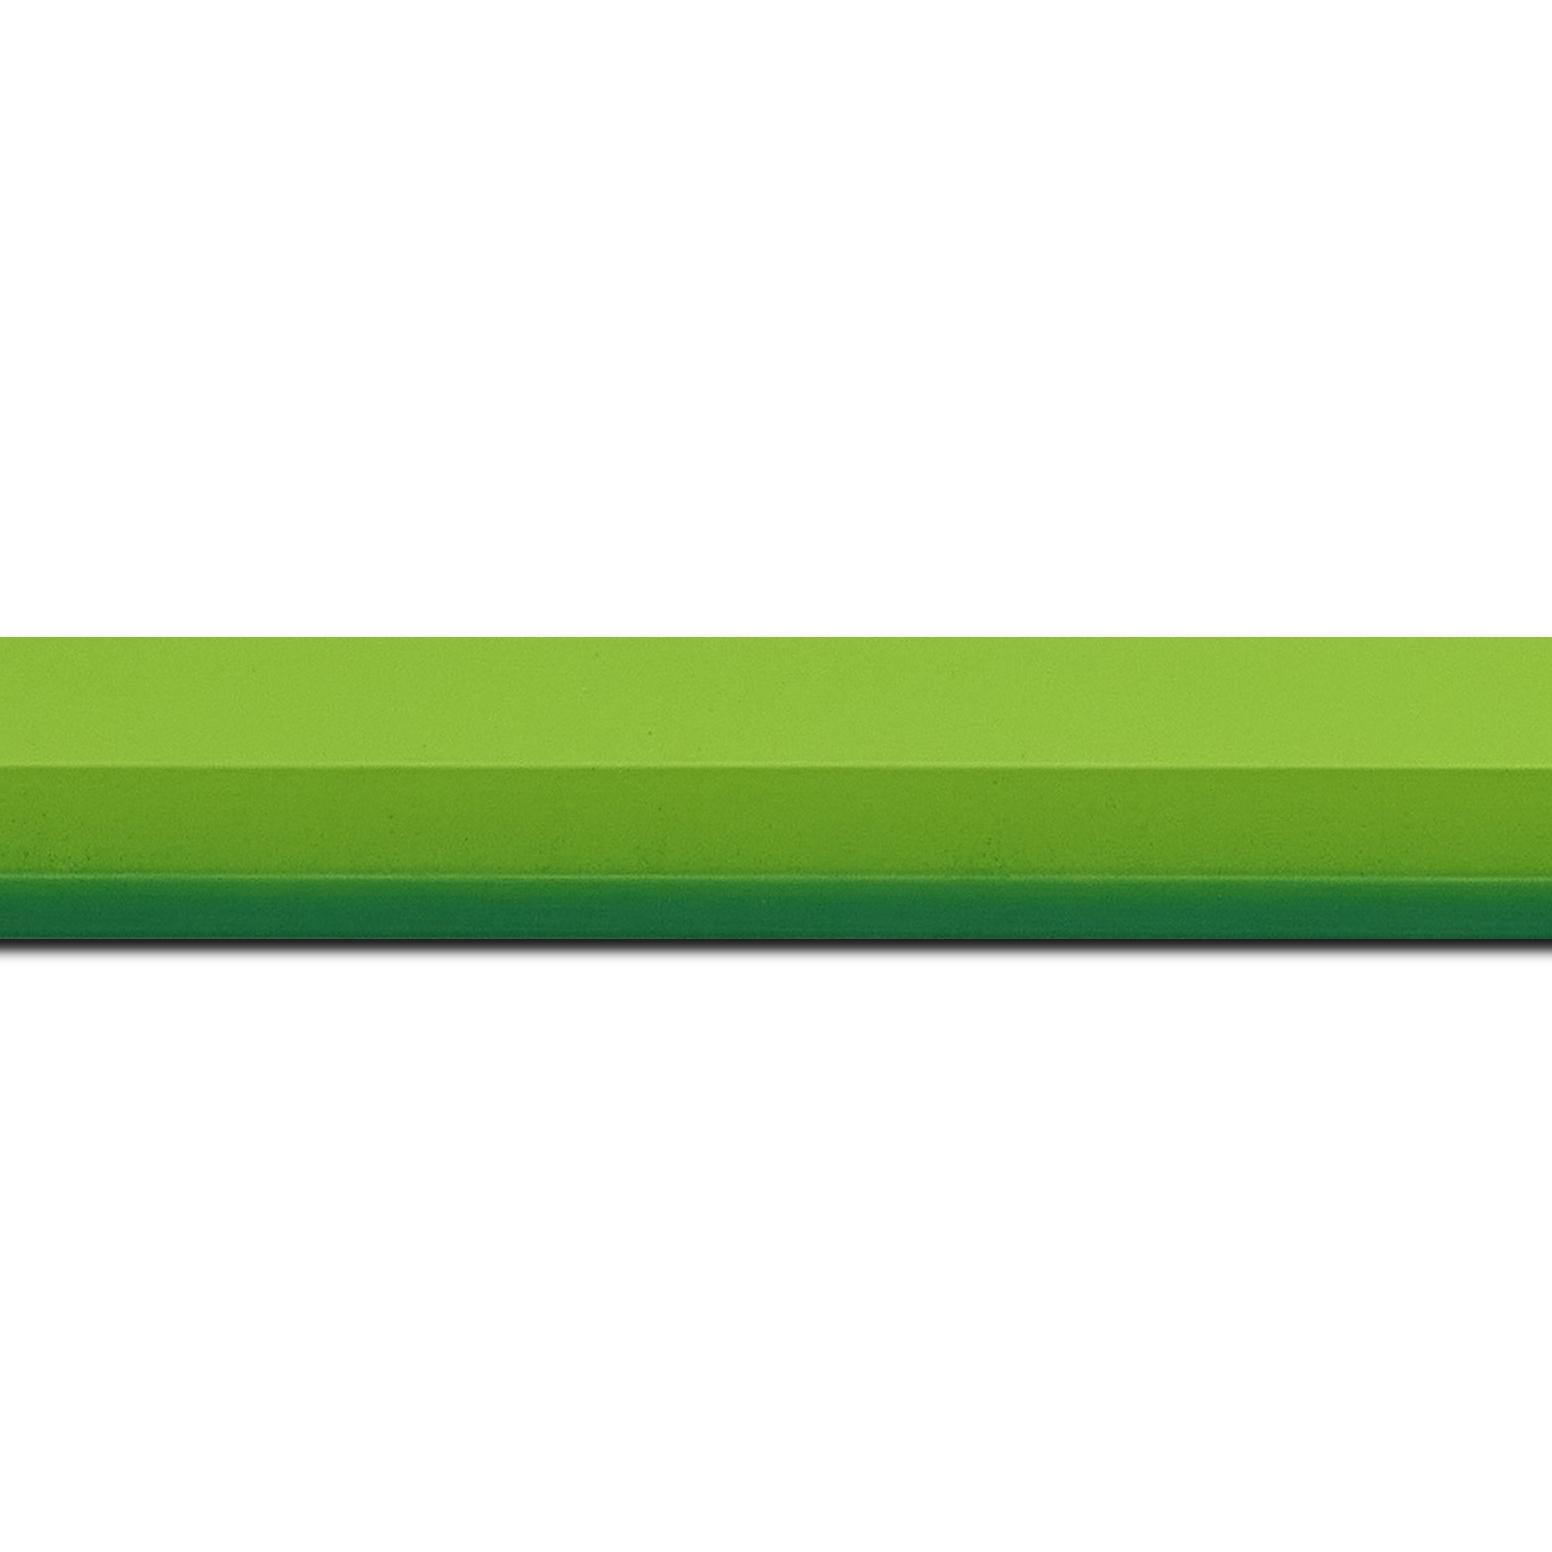 Baguette longueur 1.40m bois profil plat 3 faces largeur 2.8cm de couleur vert tendre mat , nez intérieur vert foncé mat dégradé (finition pore bouché)